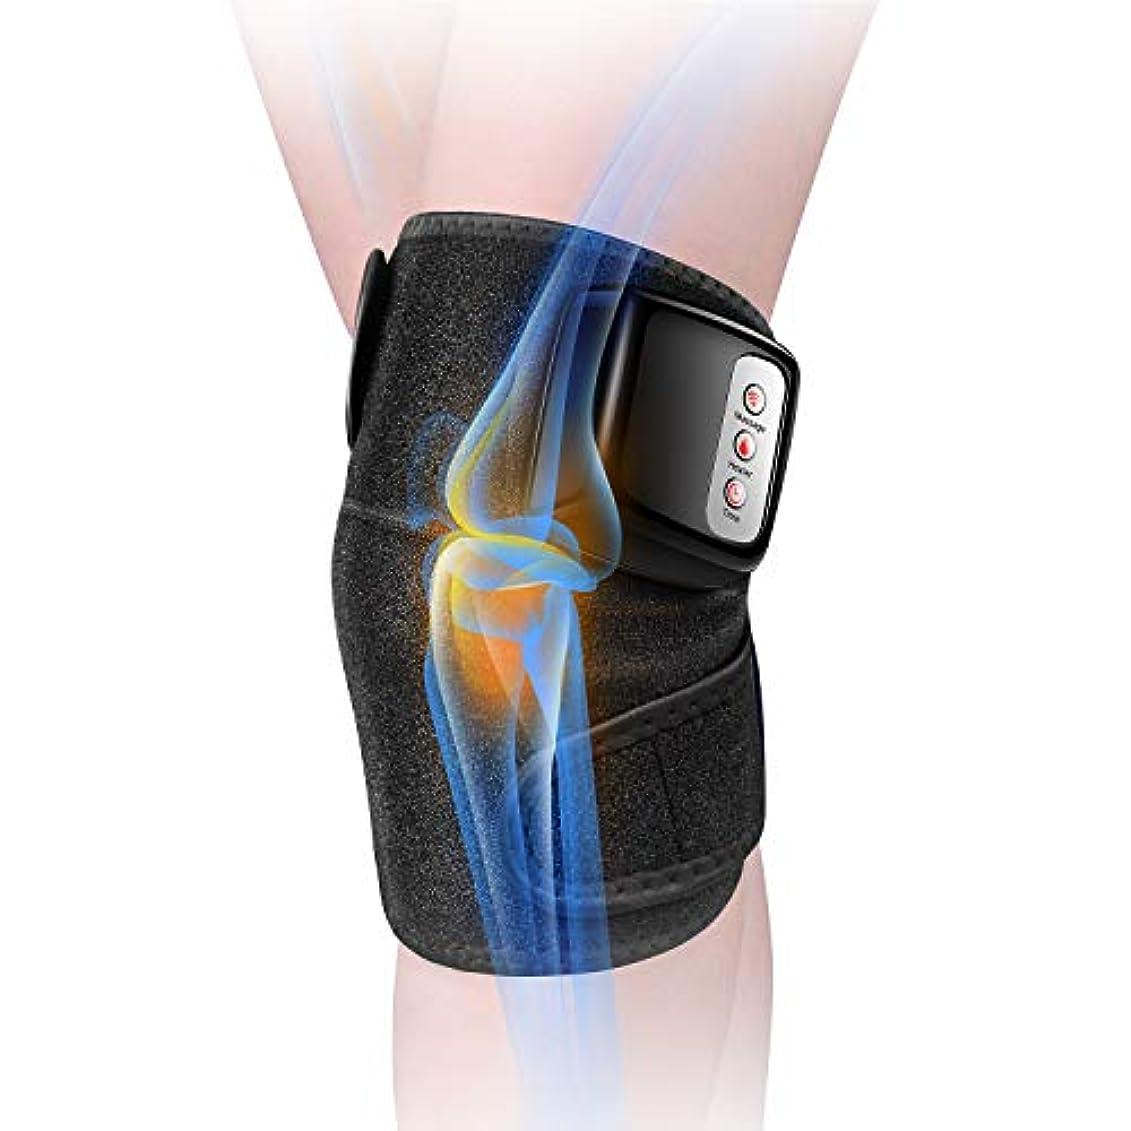 希望に満ちたヤング葉を集める膝マッサージャー 関節マッサージャー マッサージ器 フットマッサージャー 振動 赤外線療法 温熱療法 膝サポーター ストレス解消 肩 太もも/腕対応